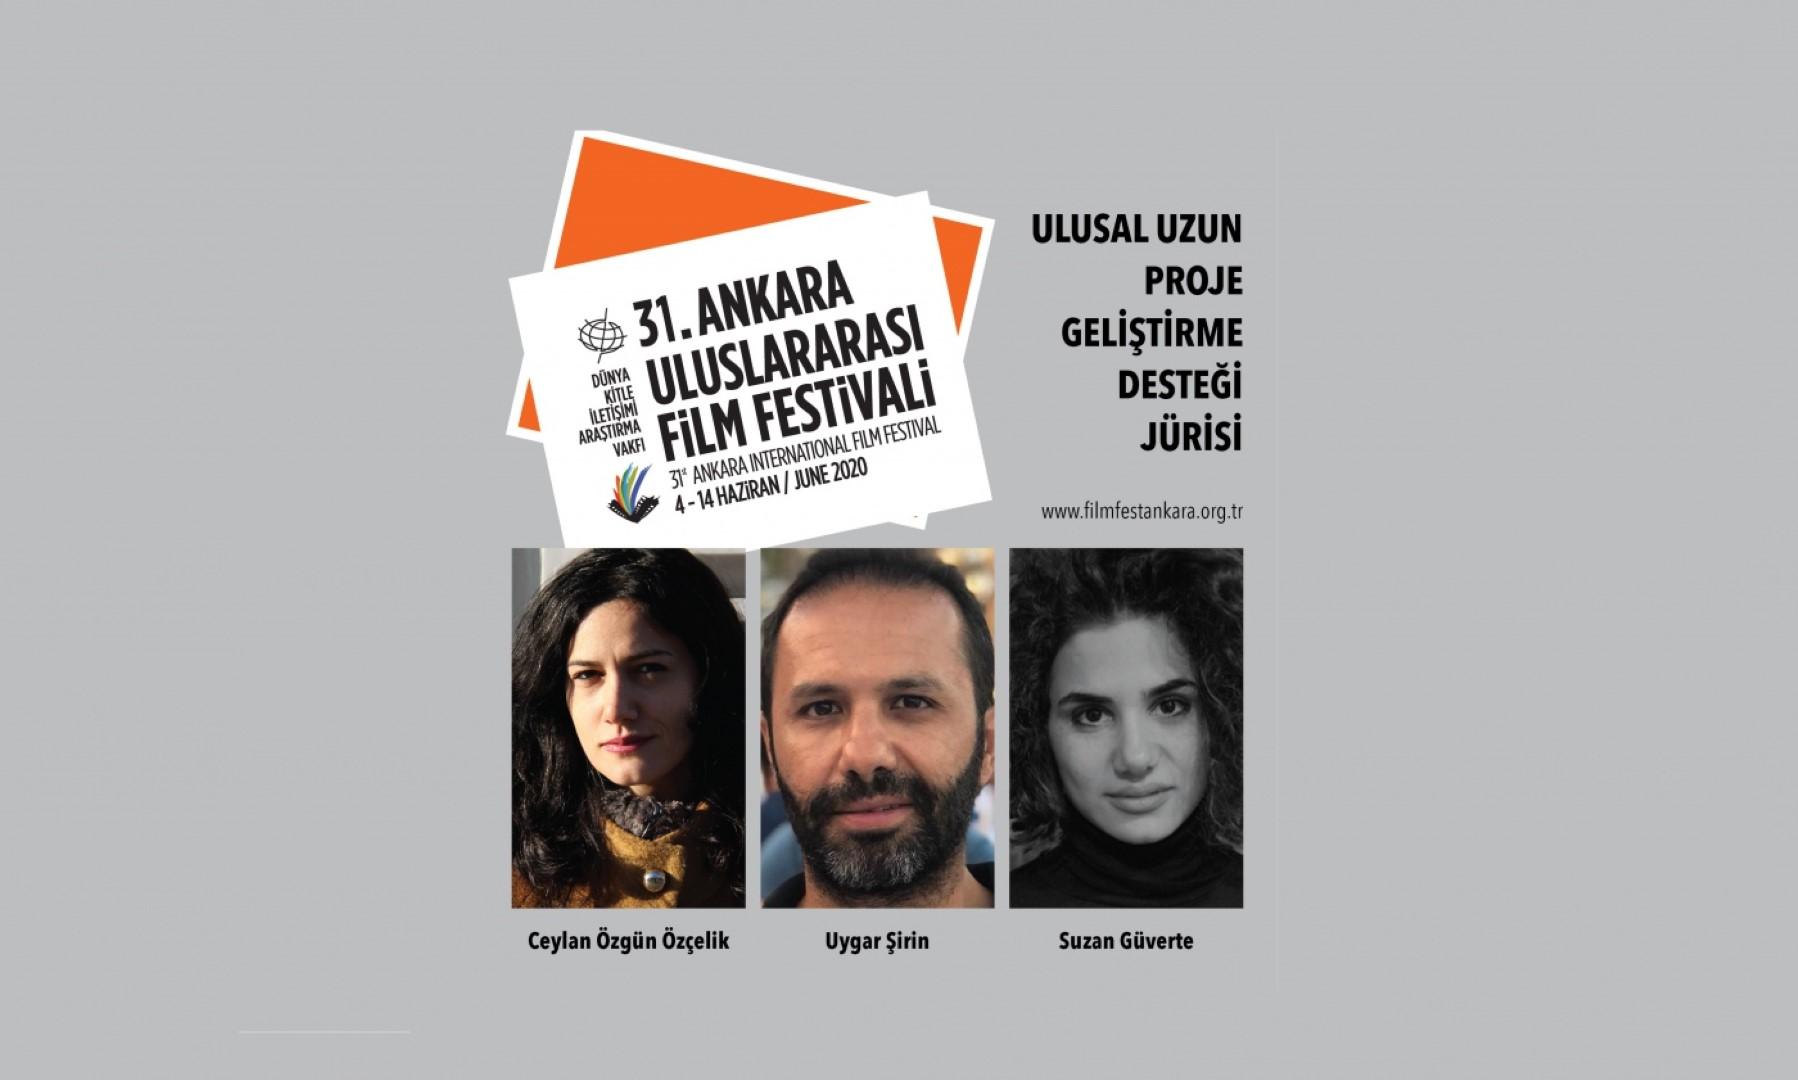 31. Ankara Uluslararası Film Festivali Proje Geliştirme Desteği Jürisi Belli Oldu!